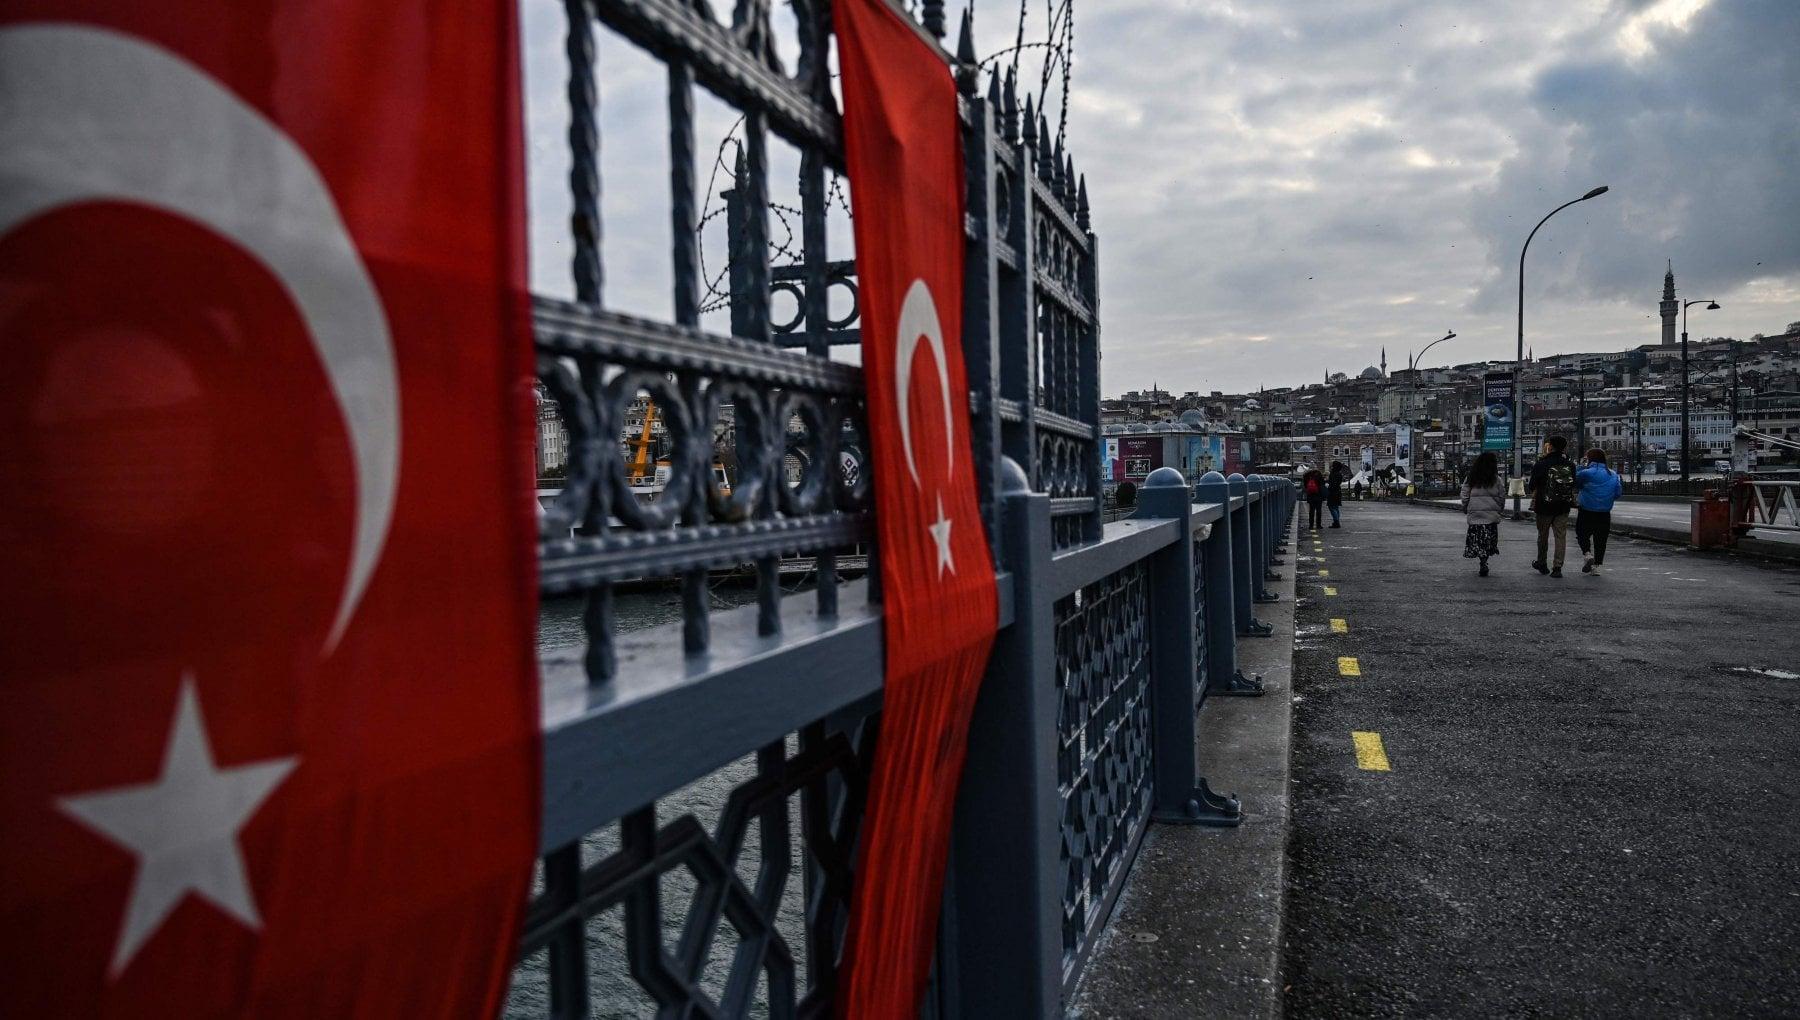 La trappola di miele cosi i servizi iraniani hanno sedotto e sequestrato un dissidente iraniano a Istanbul